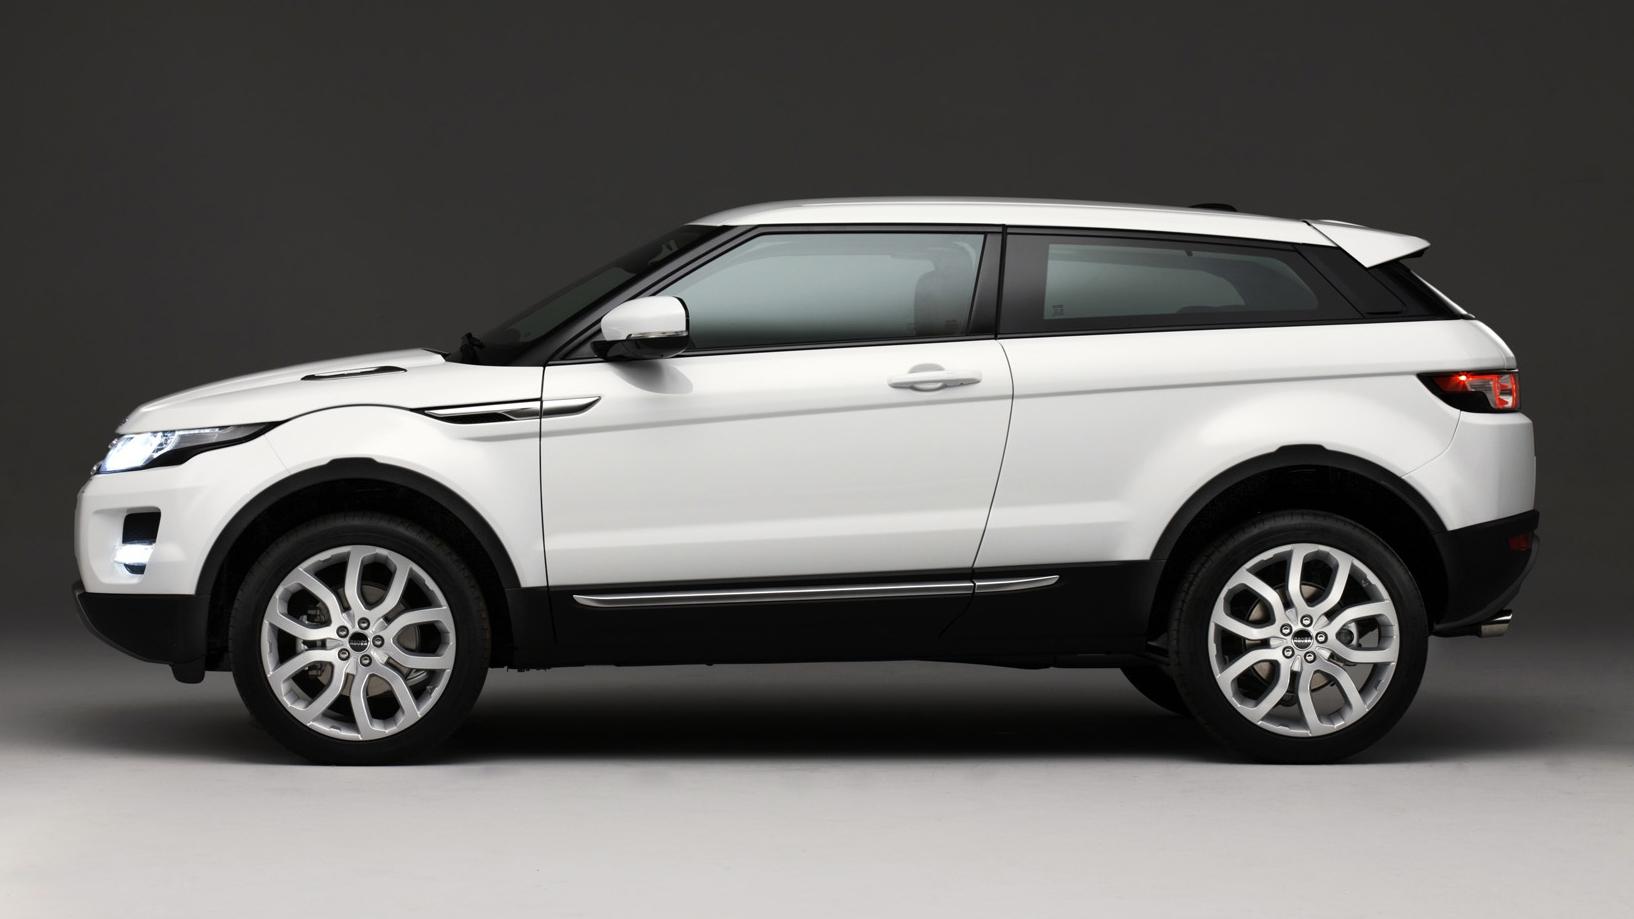 2011-Land-Rover-Range-Rover-Evoque-Side-2-1920x1440.jpg